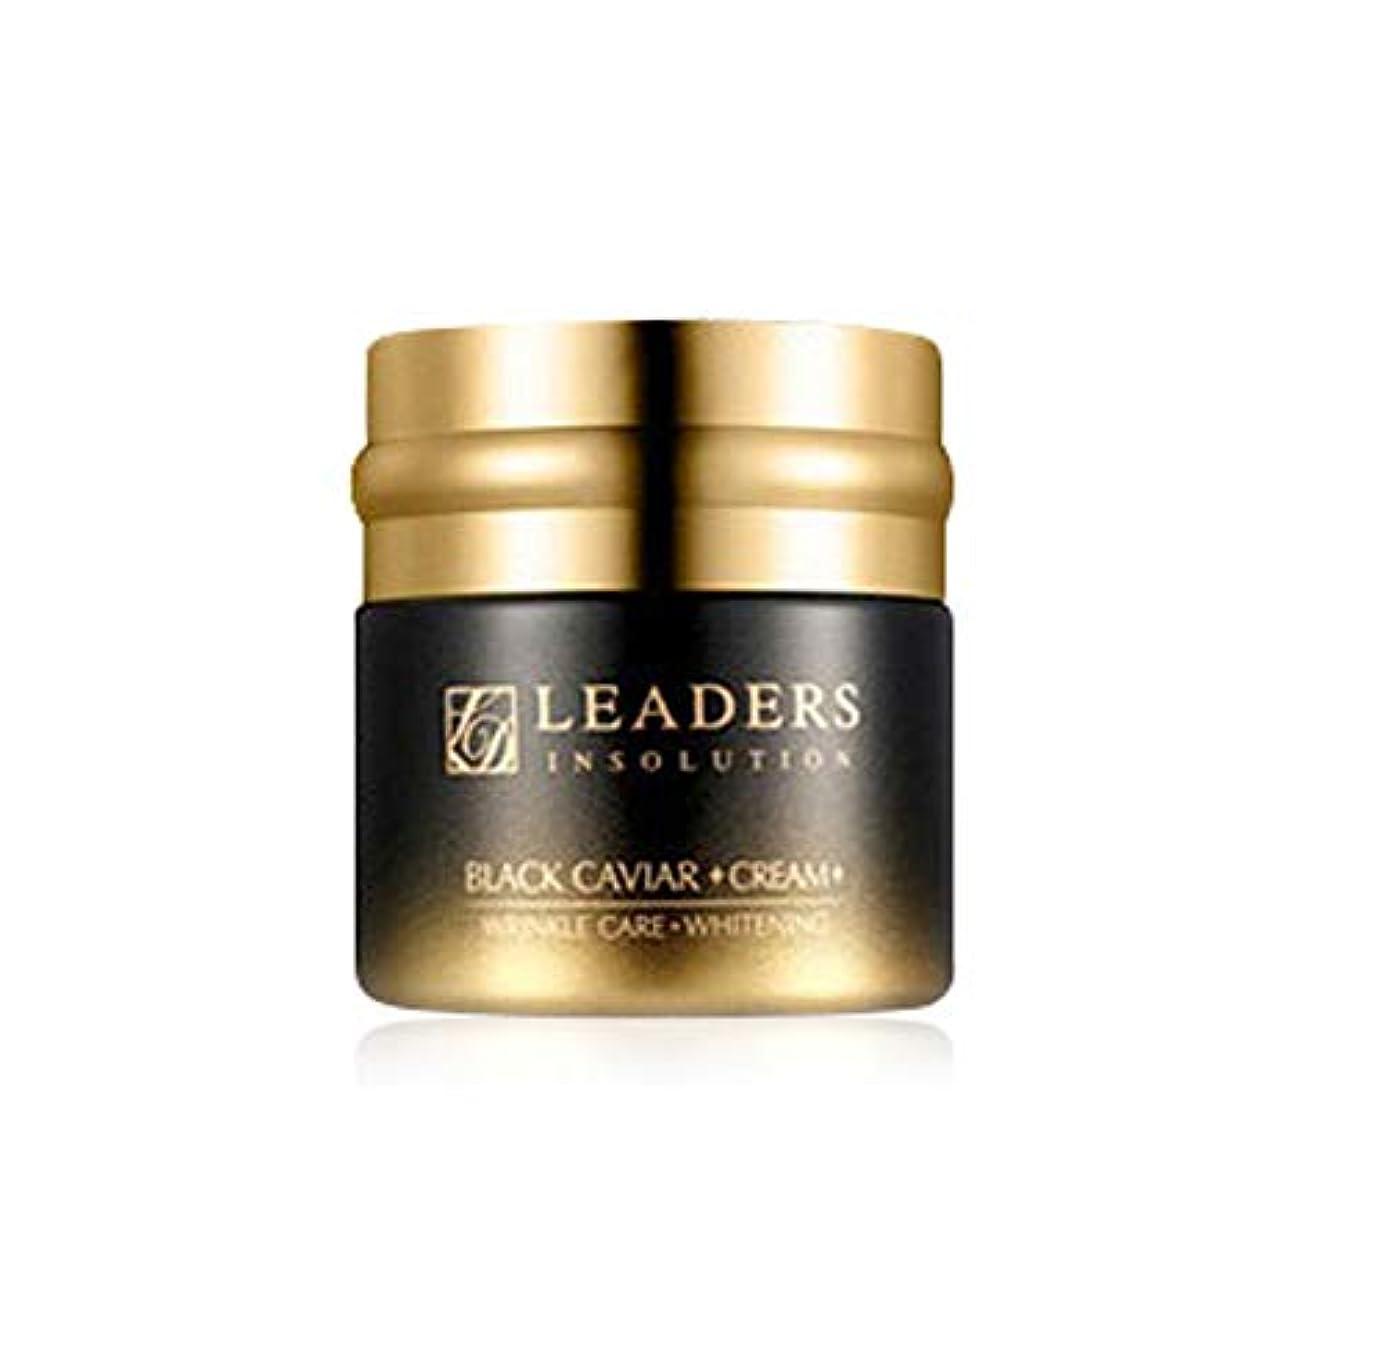 これまで幻滅するかわいらしいリーダースLEADERS 韓国コスメ ブラックキャビアクリーム65g 海外直送品 Black Caviar Cream [並行輸入品]